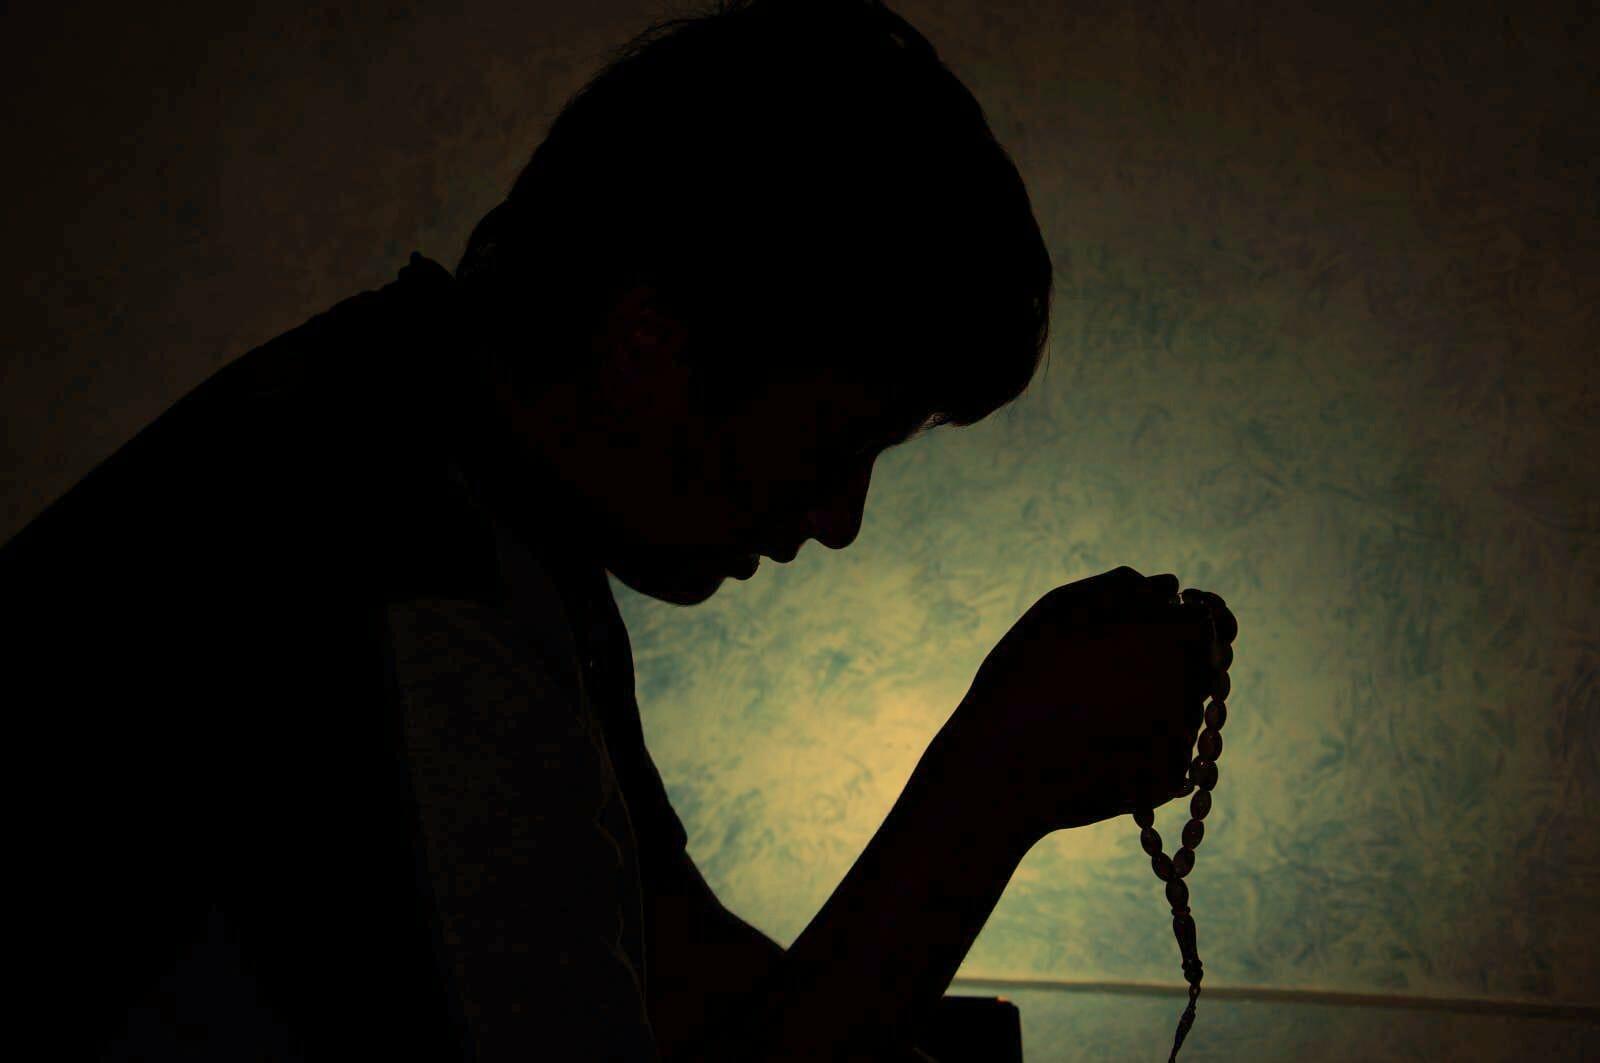 Det er især de unge, der skifter trosretning